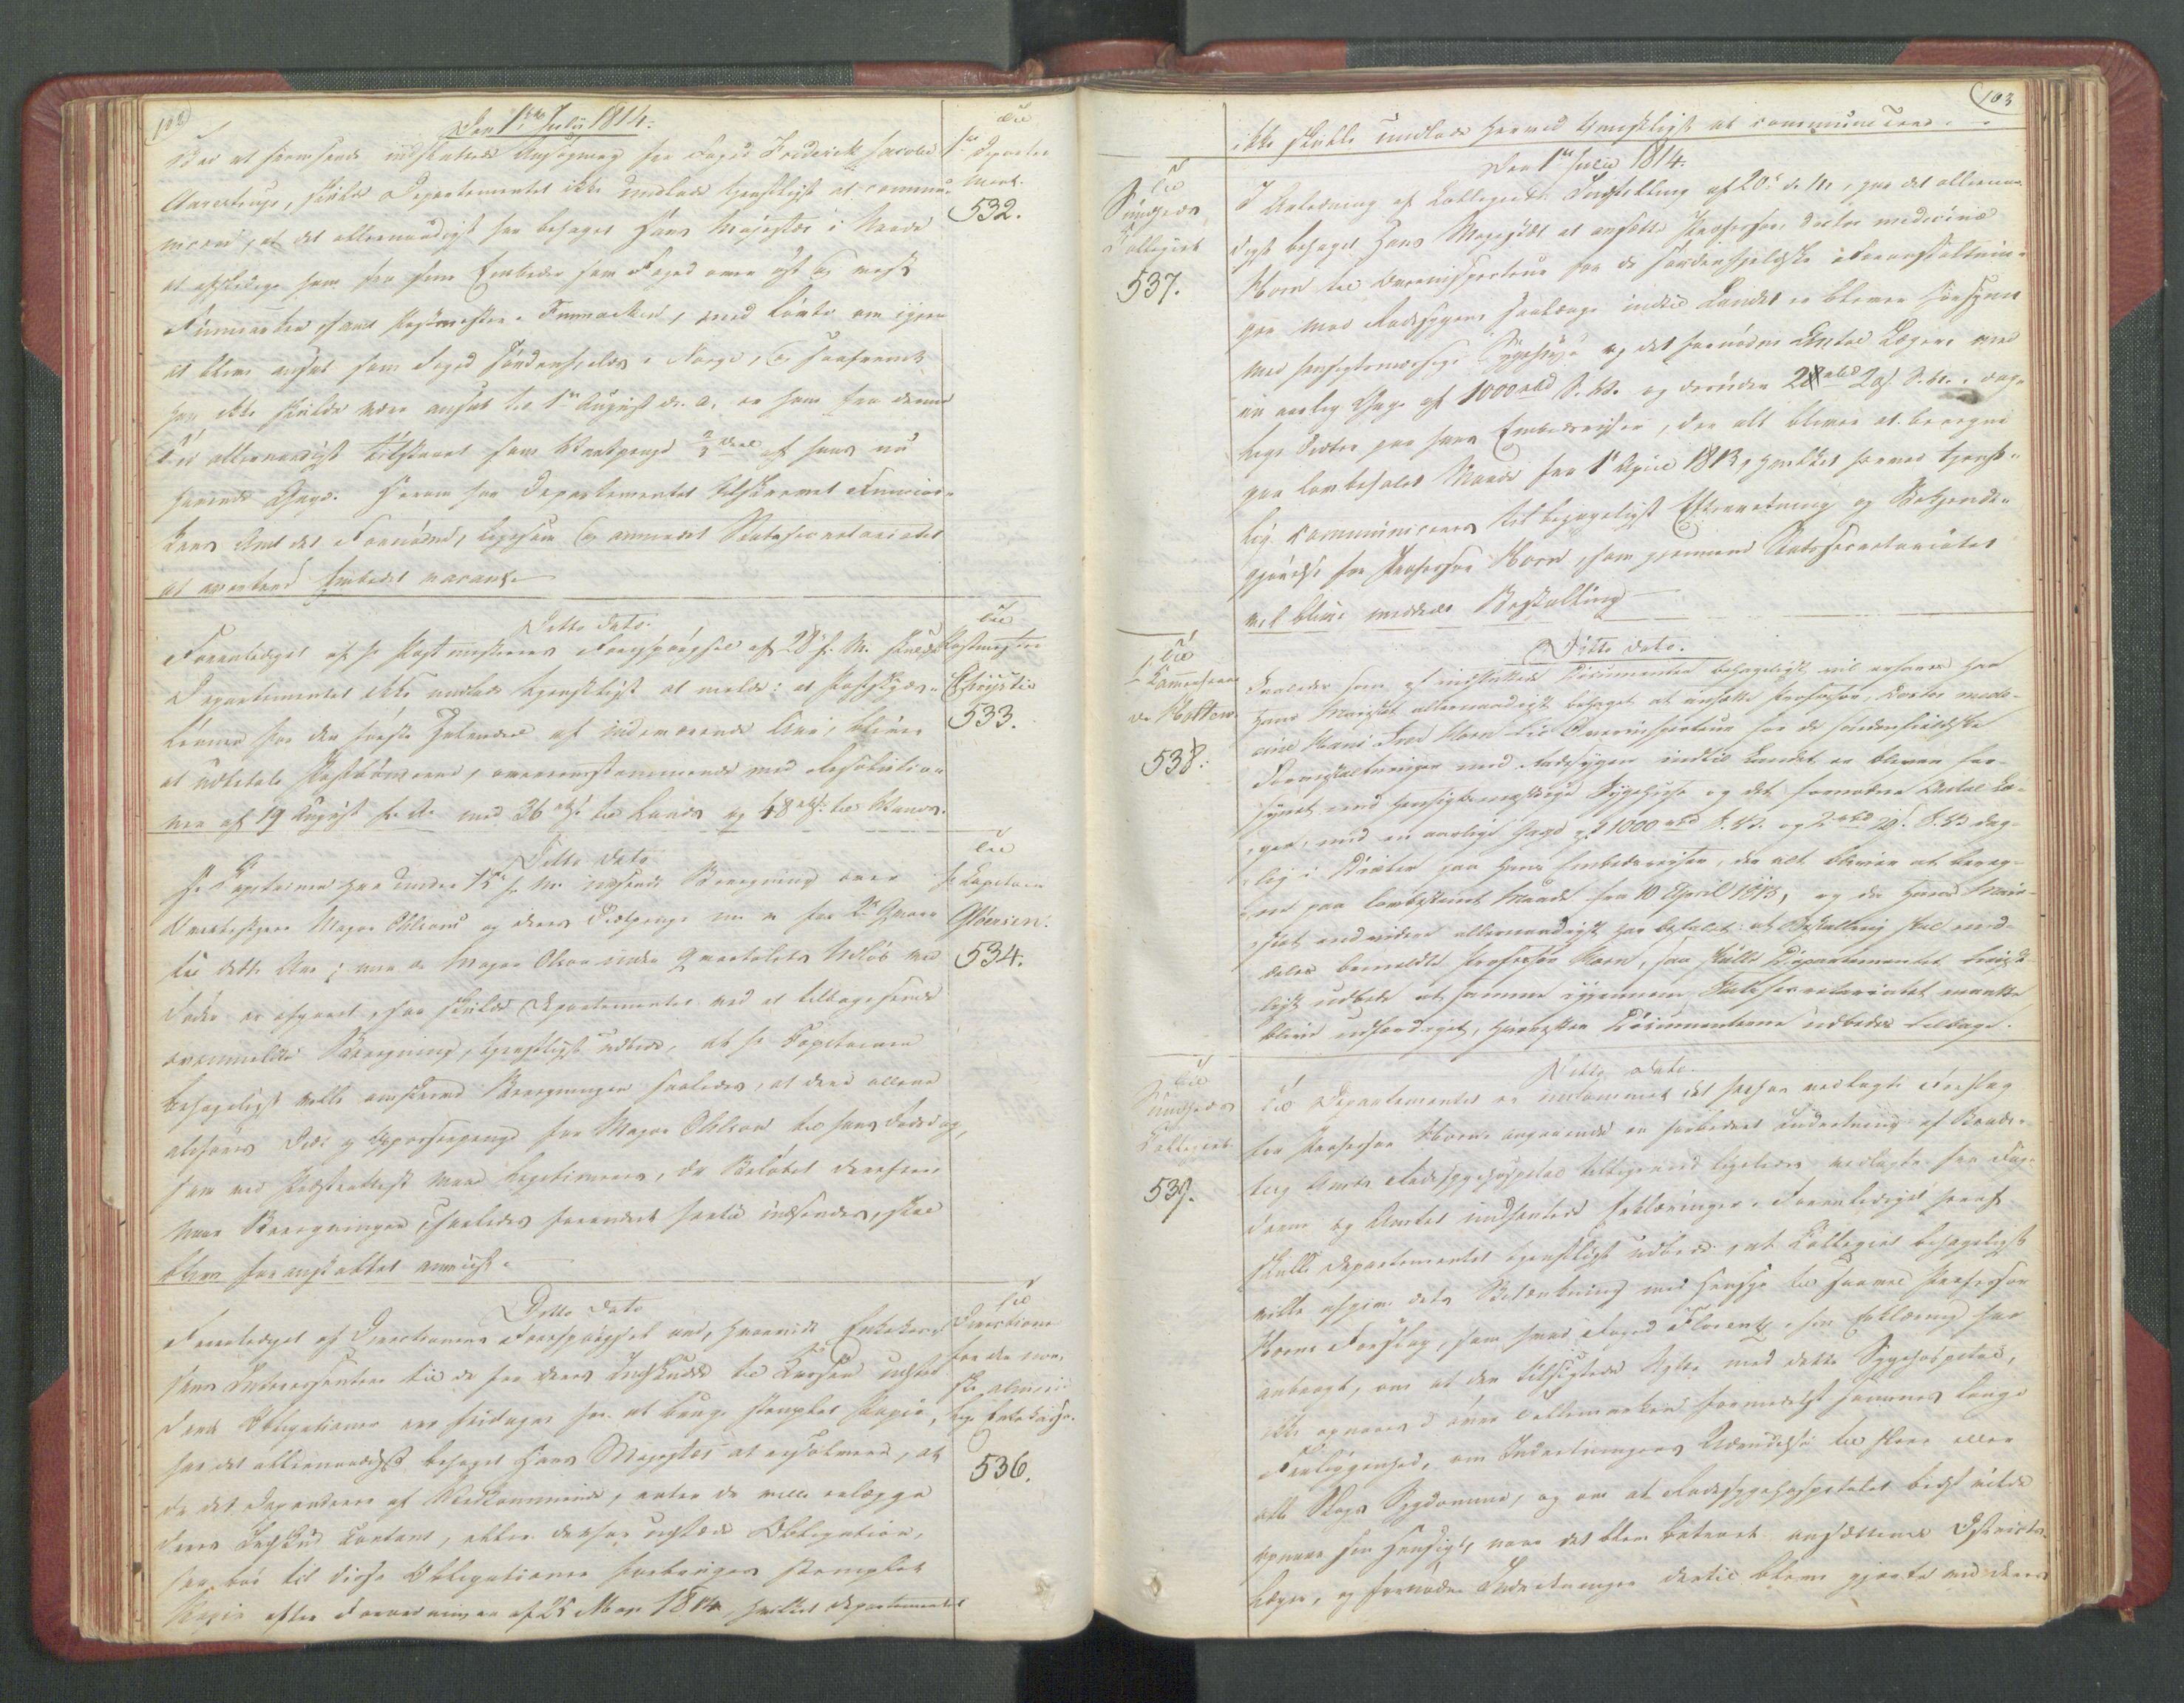 RA, Departementene i 1814, Fb/L0028: Kopibok 1-1371, 1814, p. 102-103